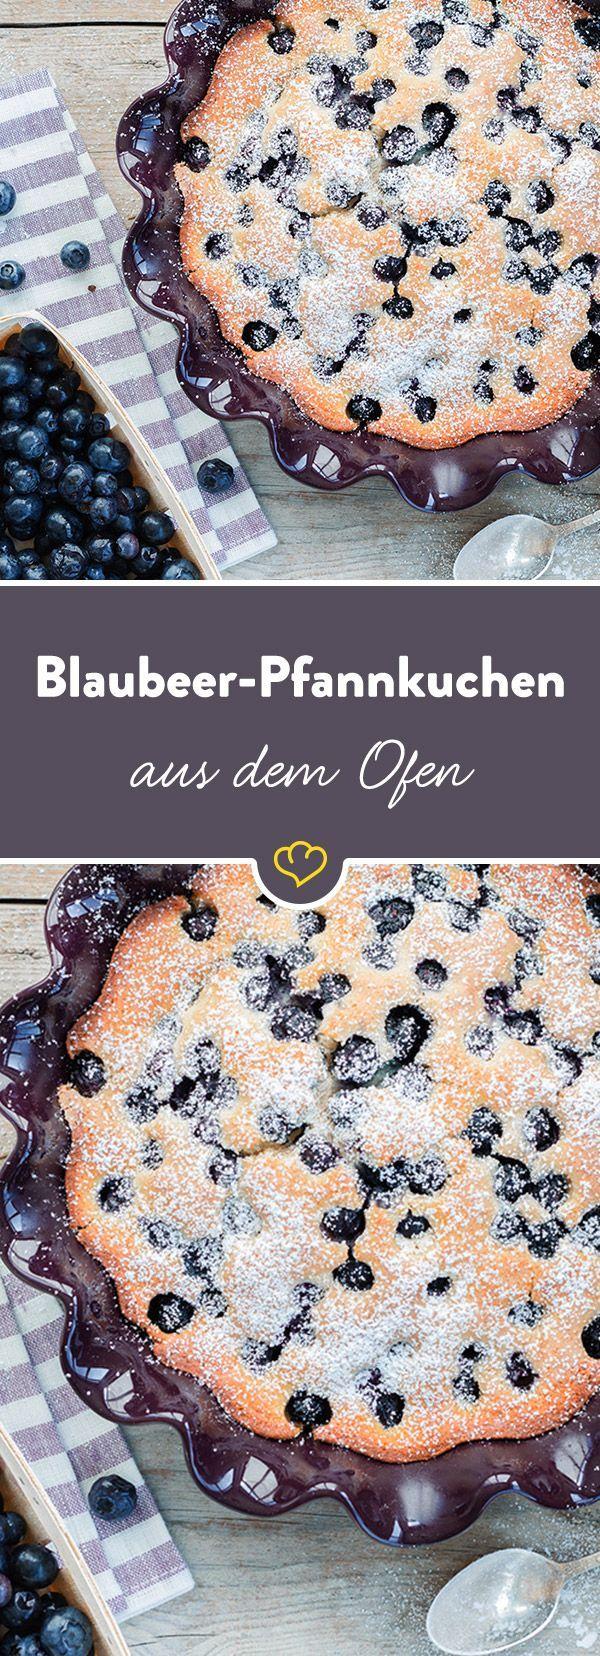 Pfannkuchen mal anders: Wir haben eine stressfreie und kinderleichte Variante für dich - Pfannkuchen aus dem Ofen, garniert mit frischen Blaubeeren.